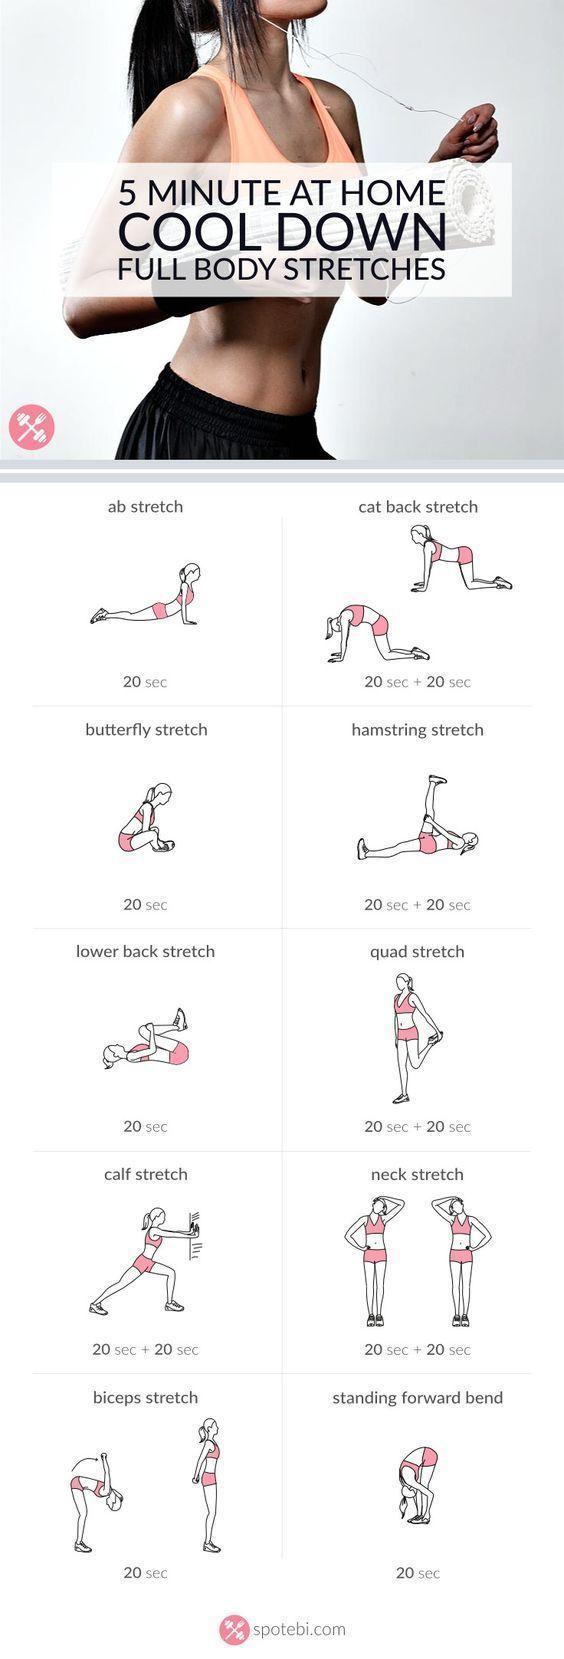 Schnelle Morgen Workout-Routinen, für die sich jeder Zeit nehmen kann